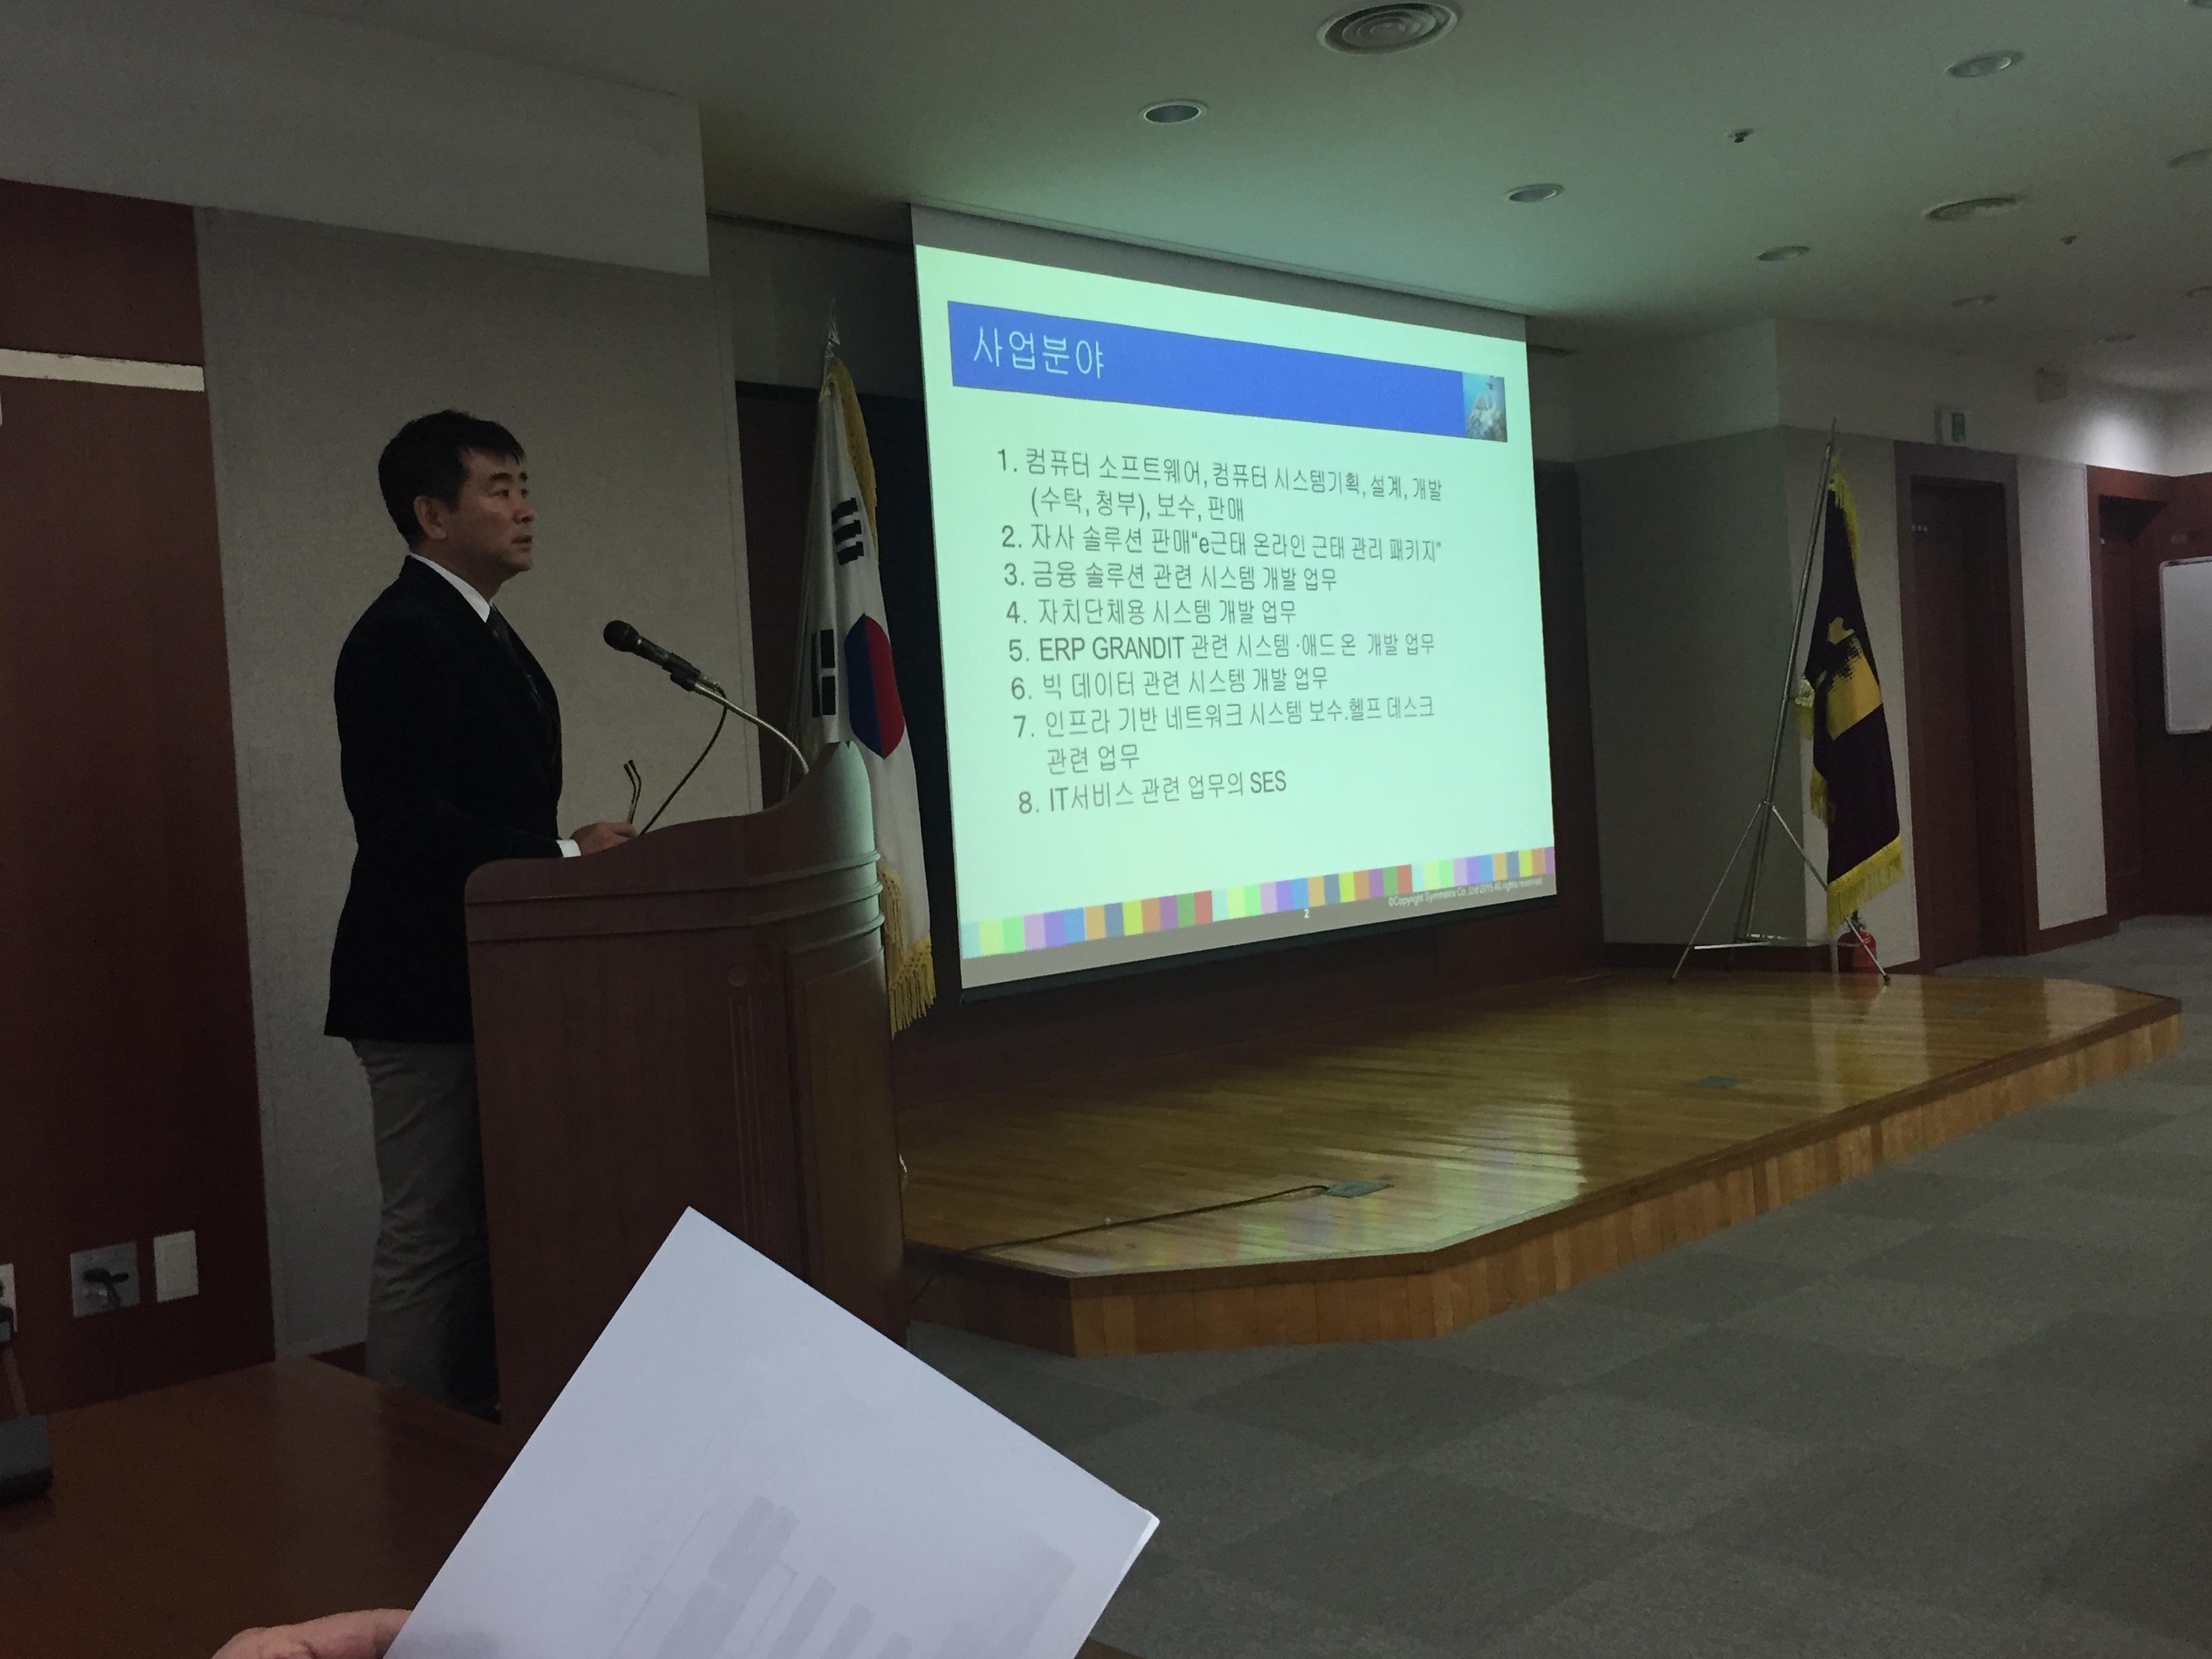 韓国江南大学および水原商工会議所にて会社説明会を行いました